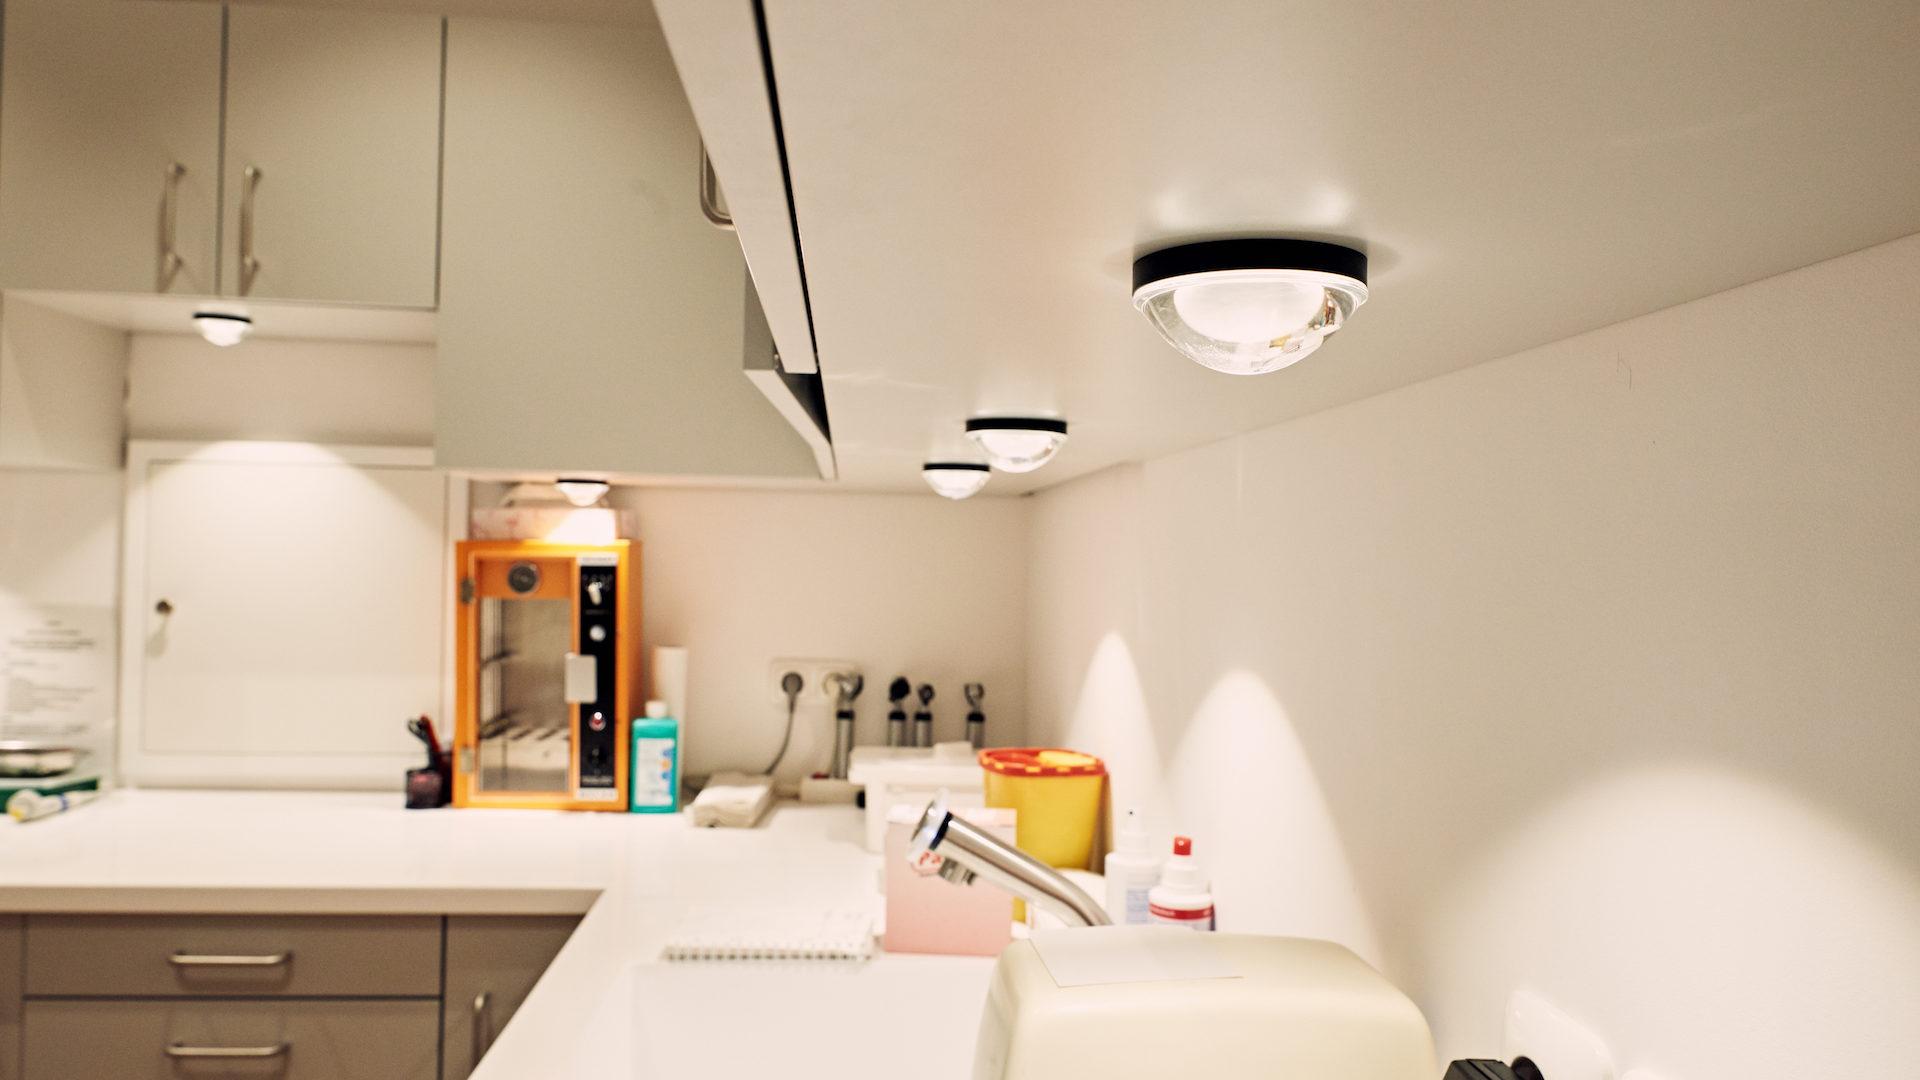 Arzt Praxis Beleuchtung und Planung aus Traunstein